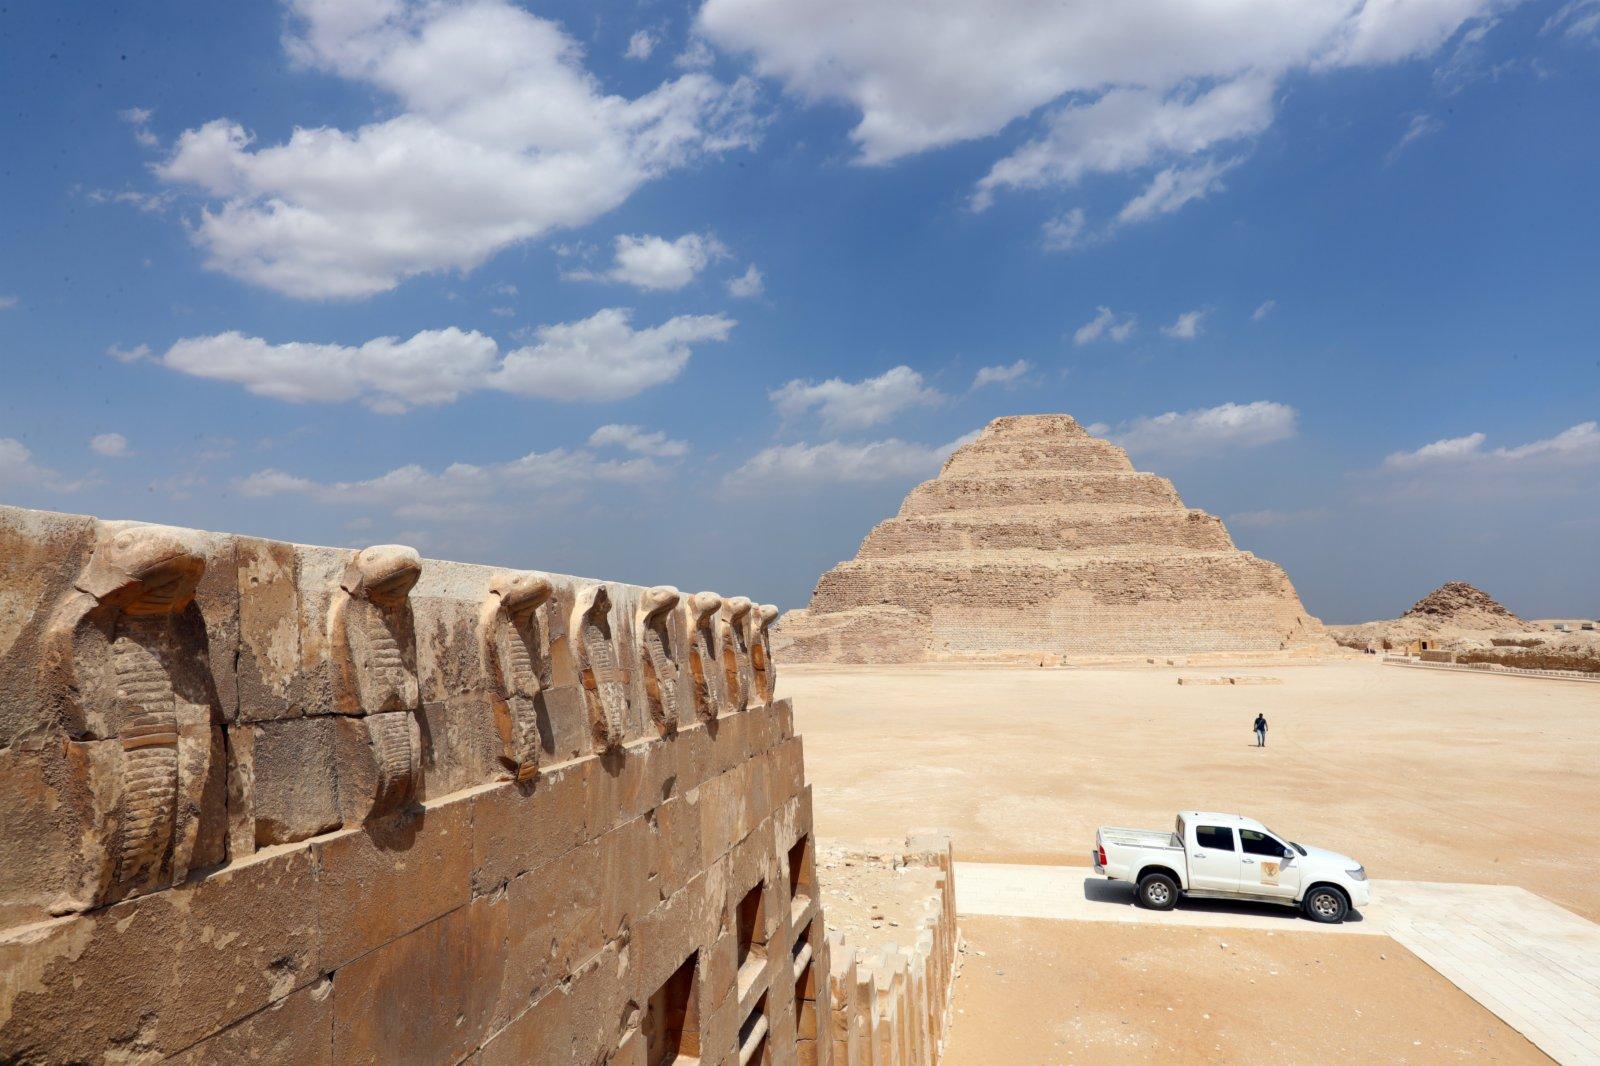 塞加拉地區一座左塞爾時期古墓地上建築的眼鏡蛇雕像,以及遠處的階梯金字塔。